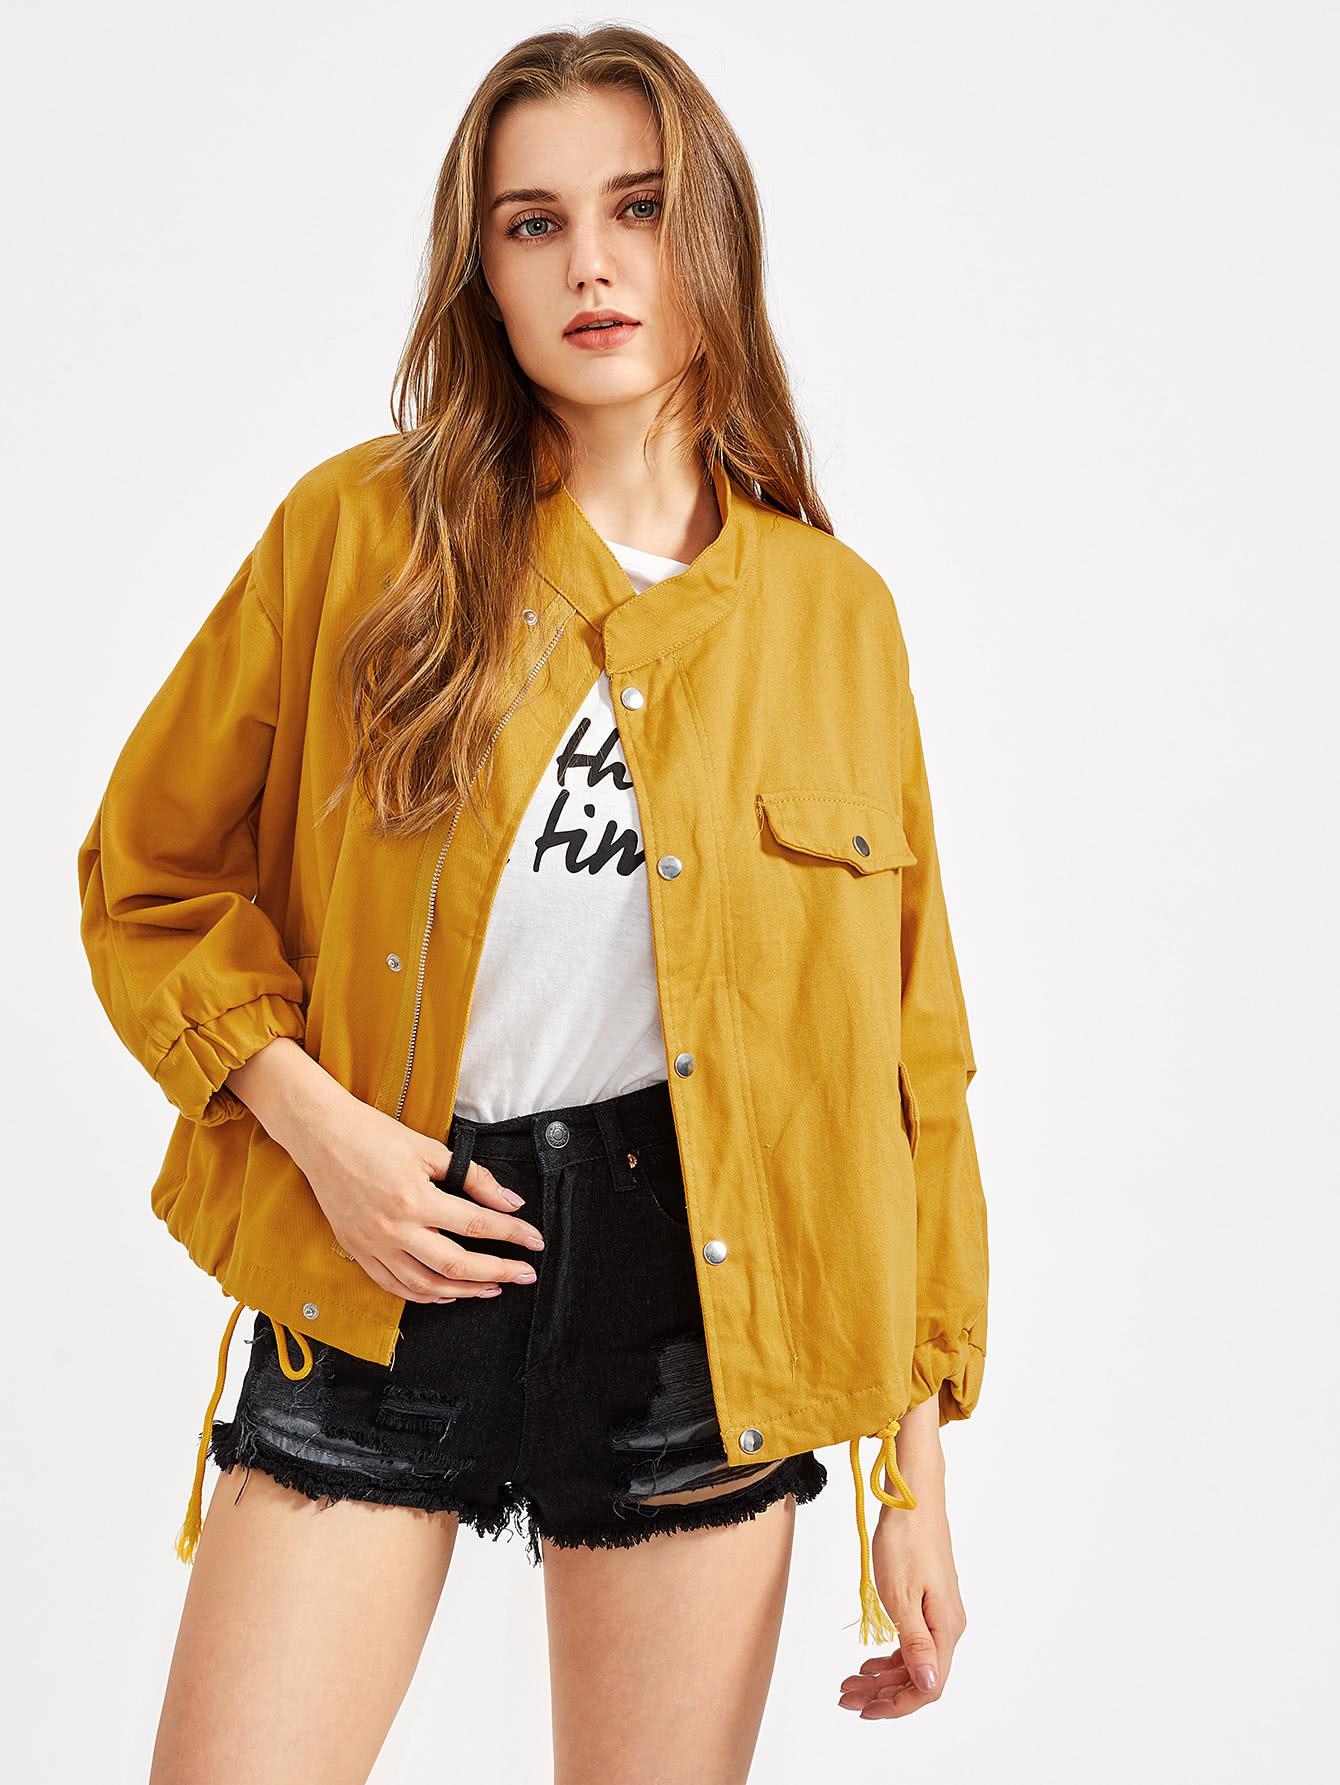 6ccd3360743 Drawstring Hem Elastic Cuff Jacket EmmaCloth-Women Fast Fashion ...